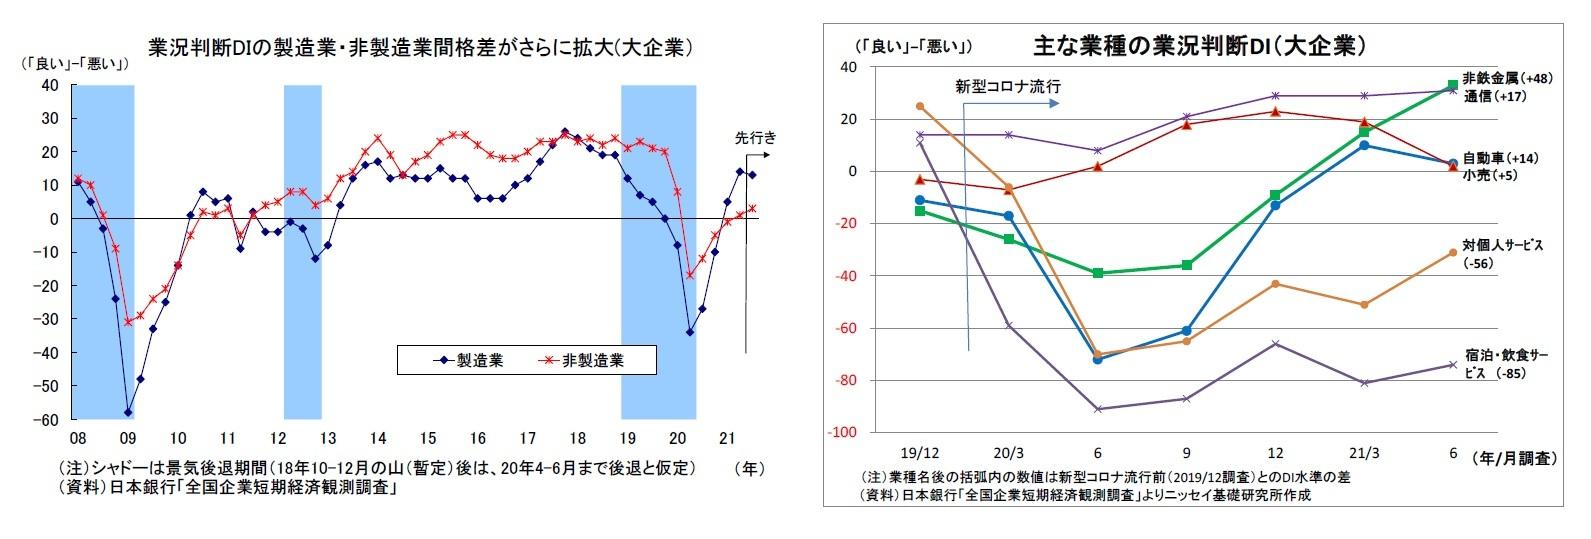 業況判断DIの製造業・非製造業間格差がさらに拡大(大企業)/主な業種の業況判断DI(大企業)